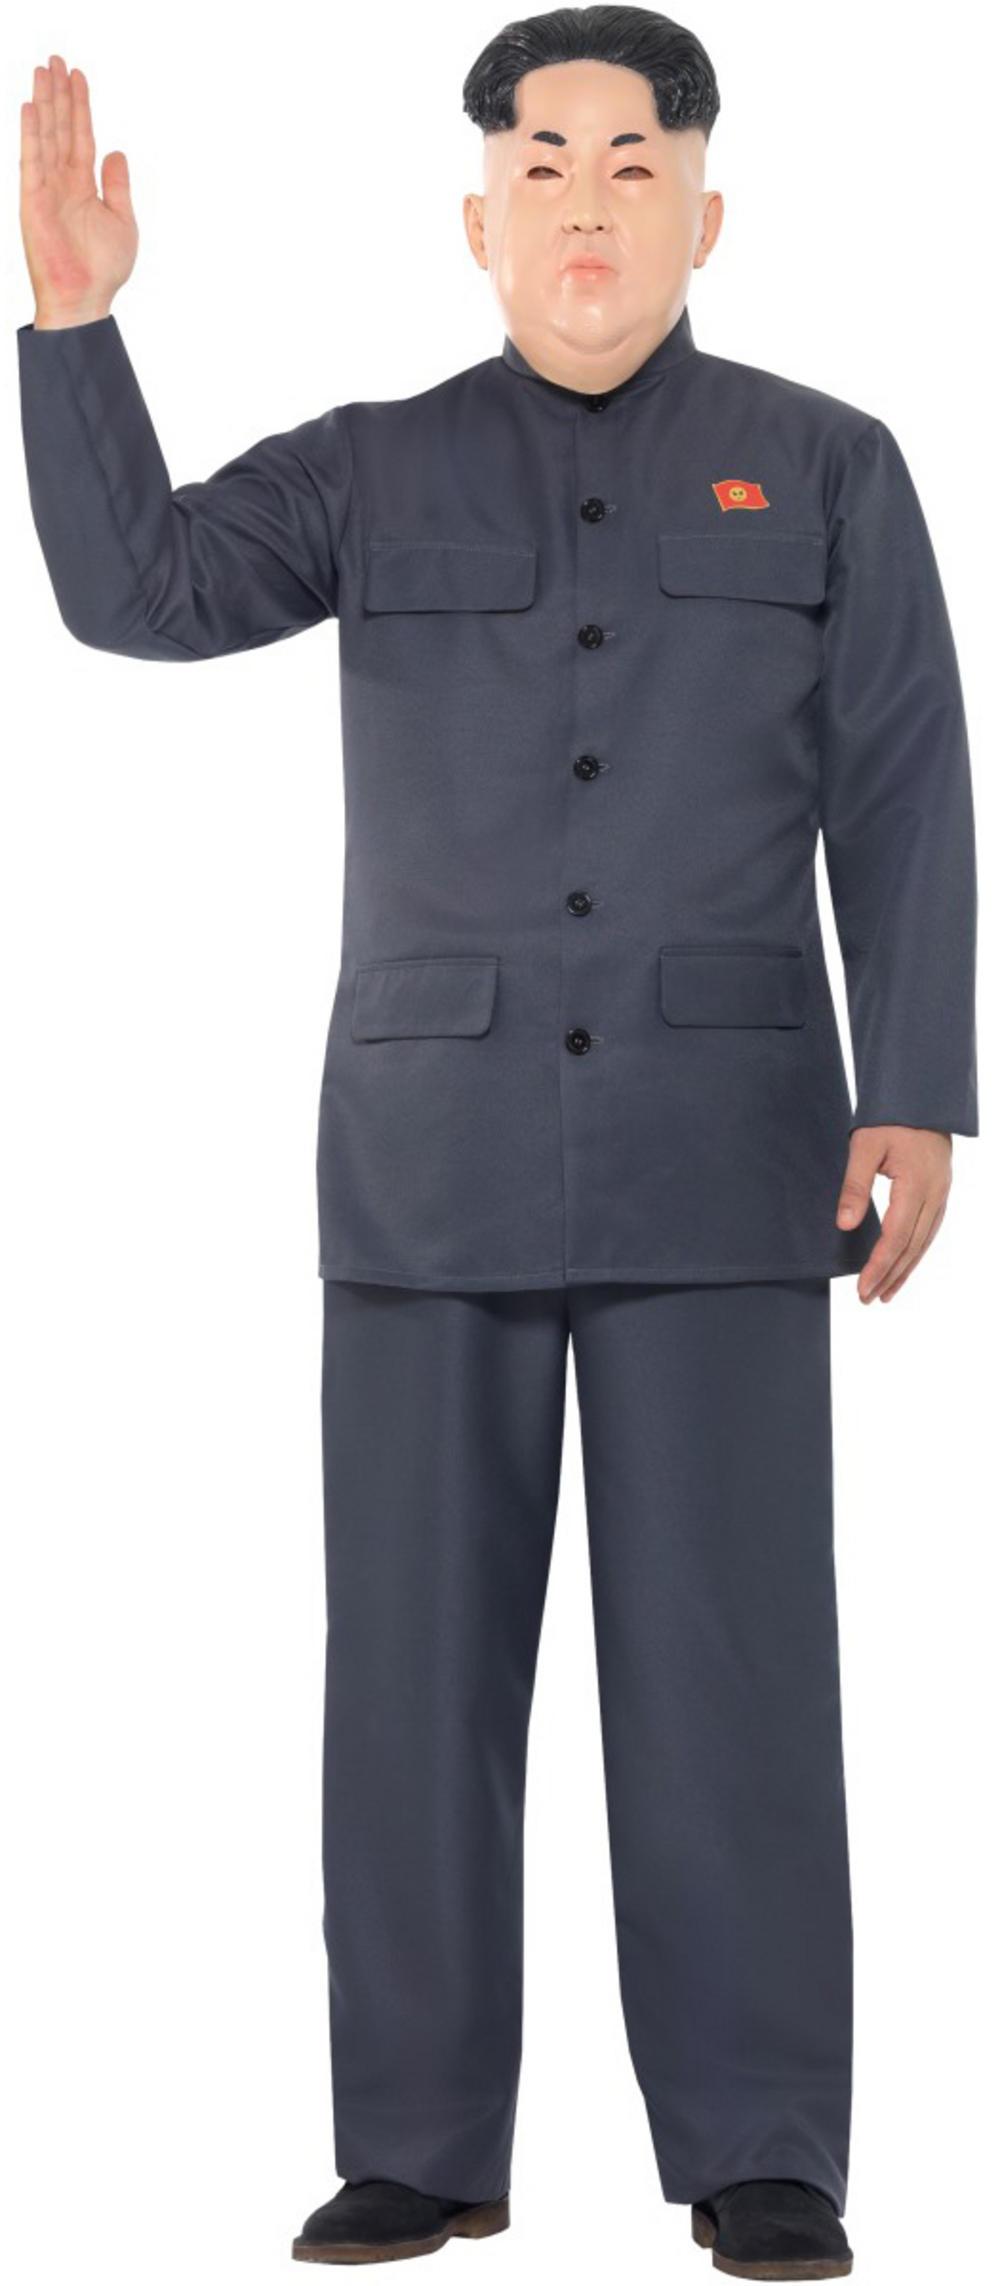 Dictator Mens Costume